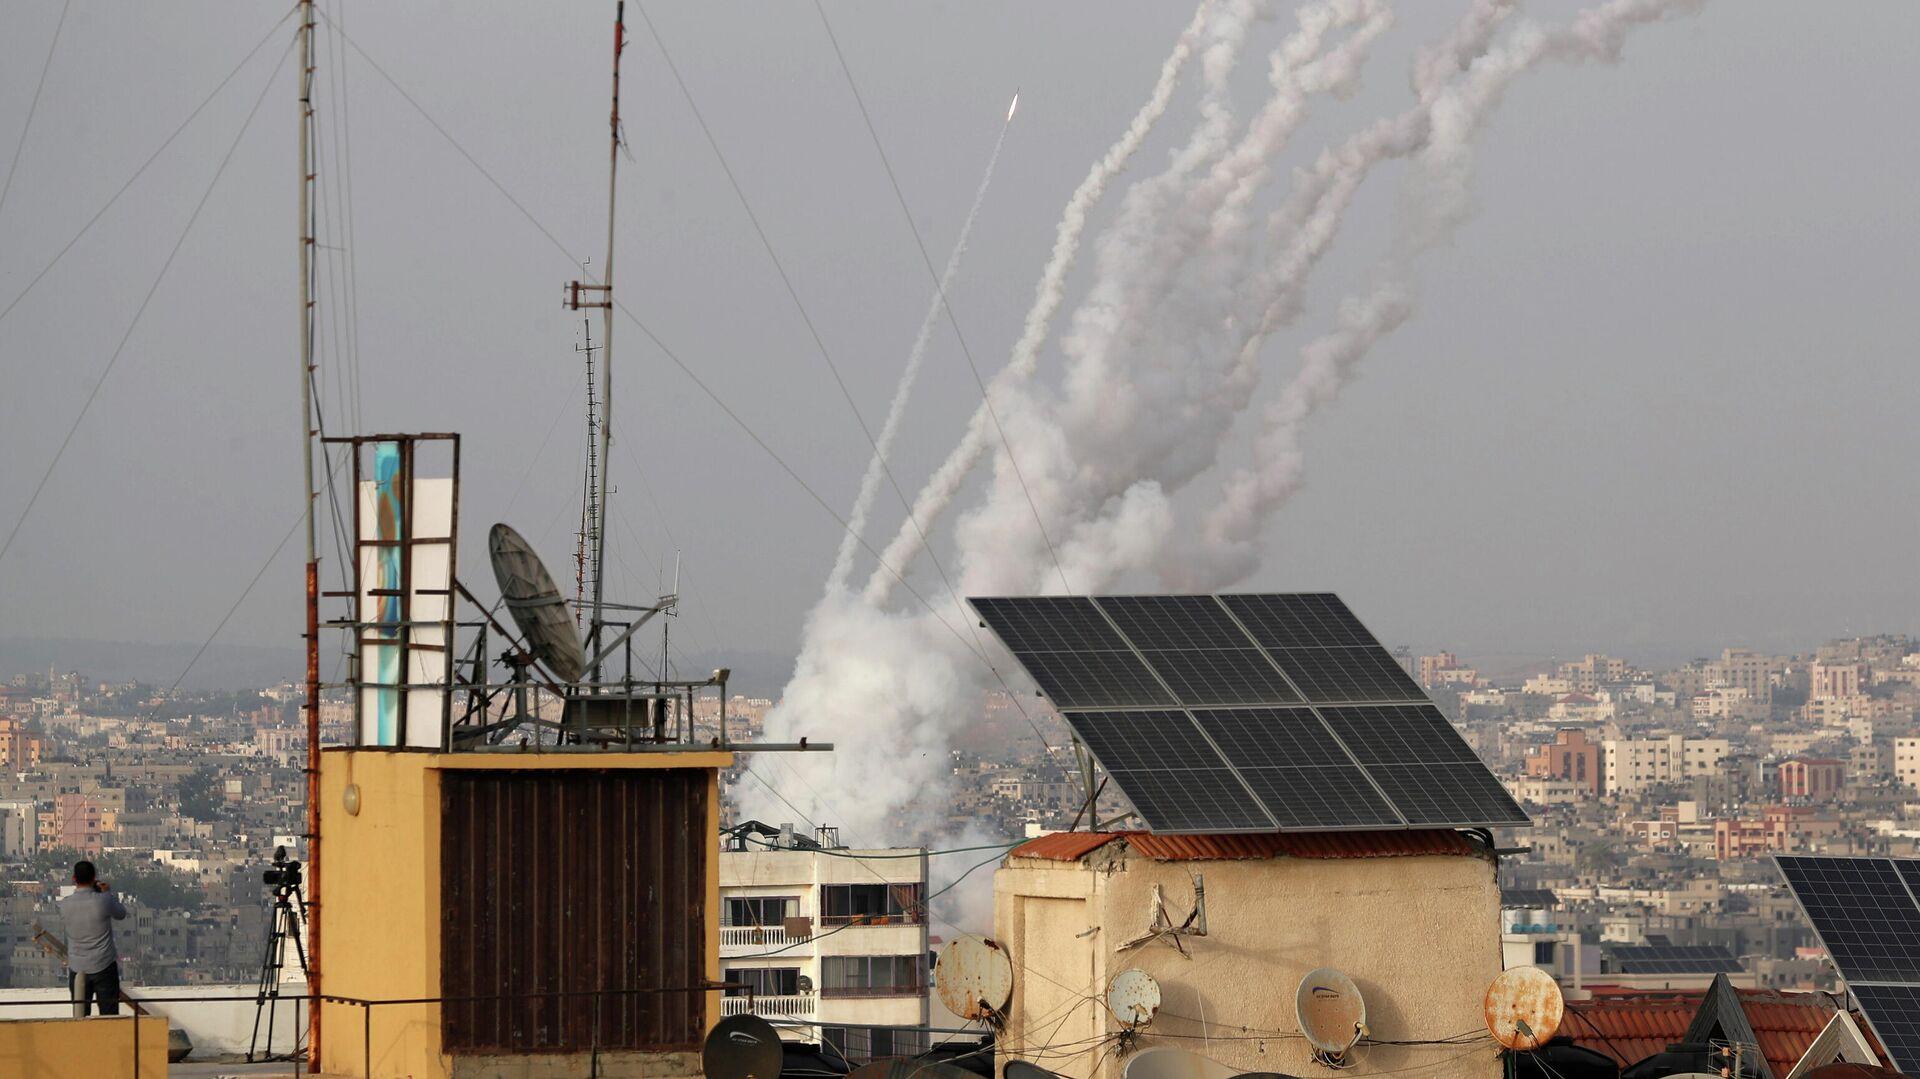 Ракеты запущены палестинскими боевиками по Израилю, в Газе 10 мая 2021 года - РИА Новости, 1920, 11.05.2021